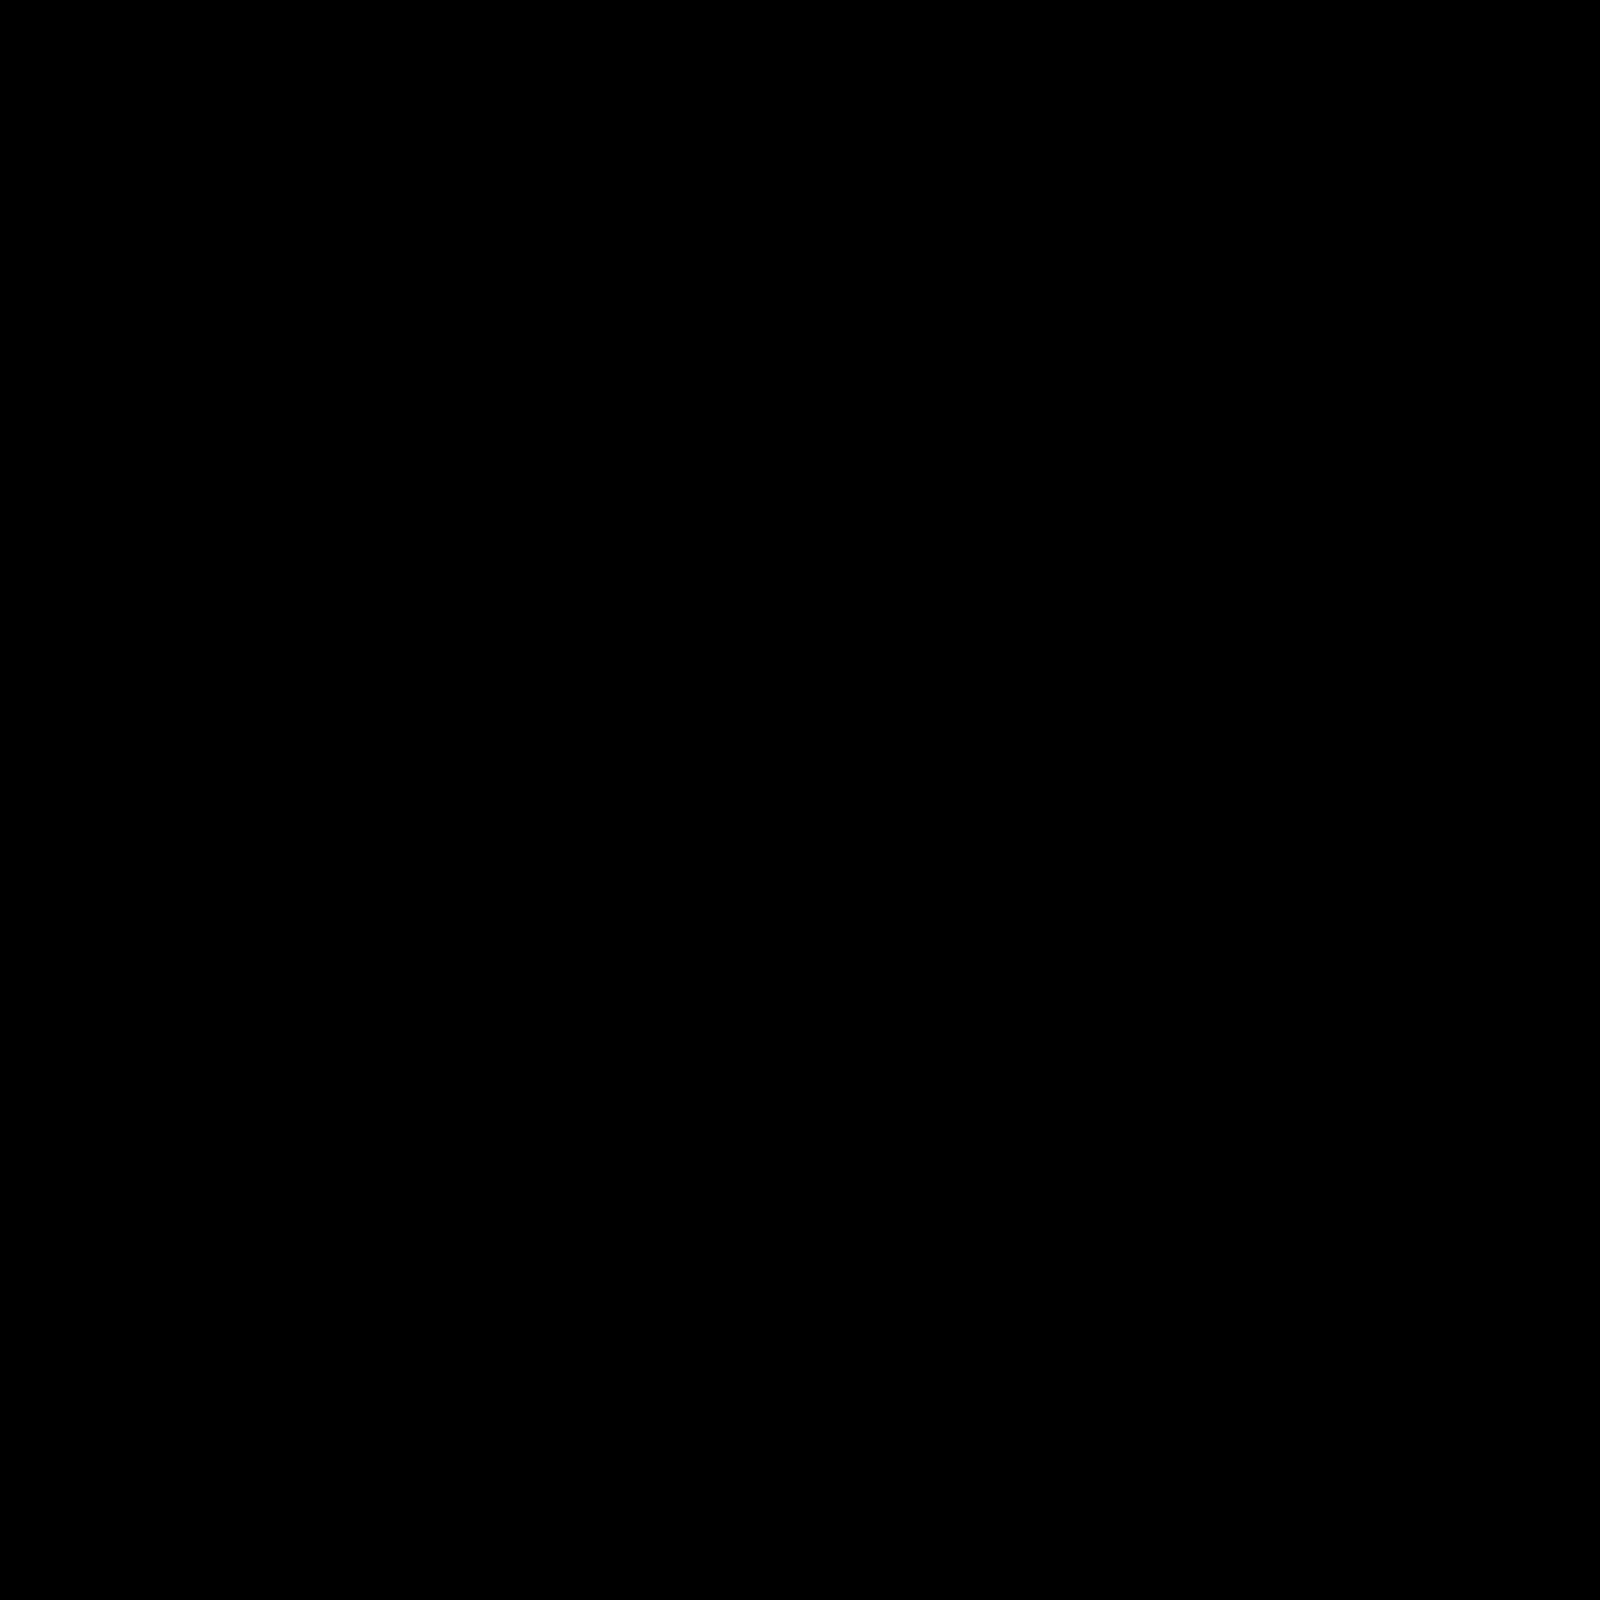 縮小 icon. The icon consists of four arrows pointing to the center. The arrows are right angles bisected each by a line extending outward to the corners of the image. The icon represents the minimization or shrinking of a graphical element.